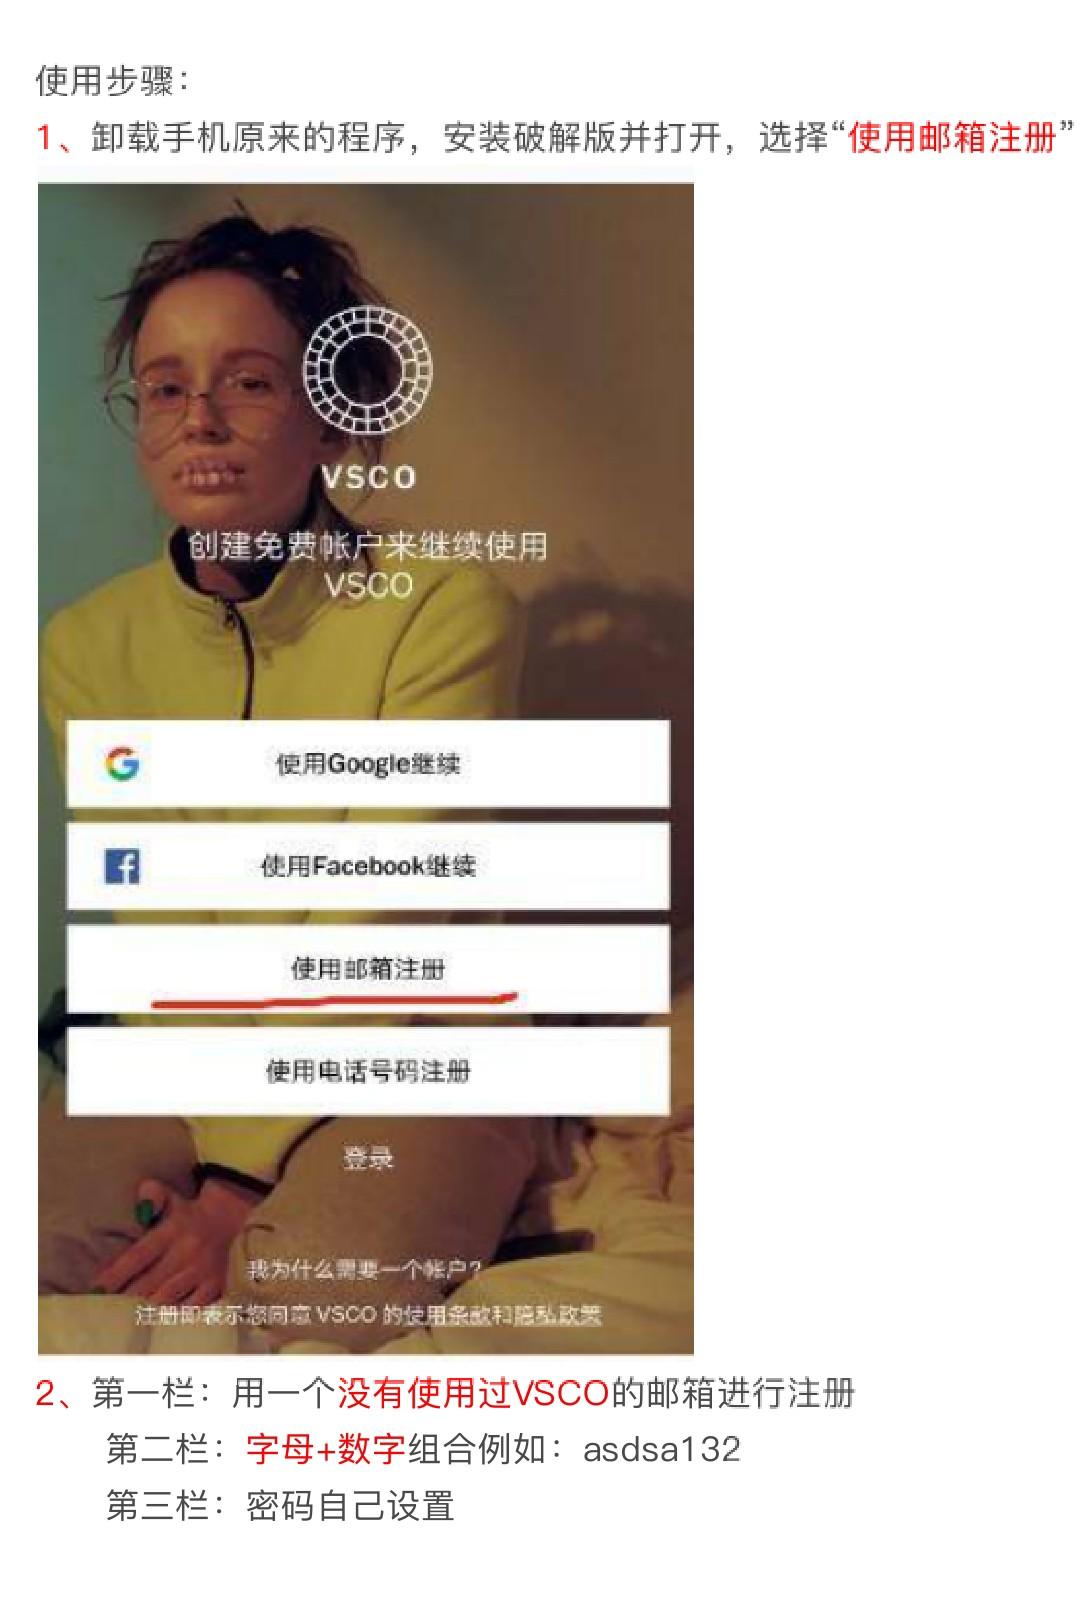 【分享】vsco全滤镜解锁永久版!!!